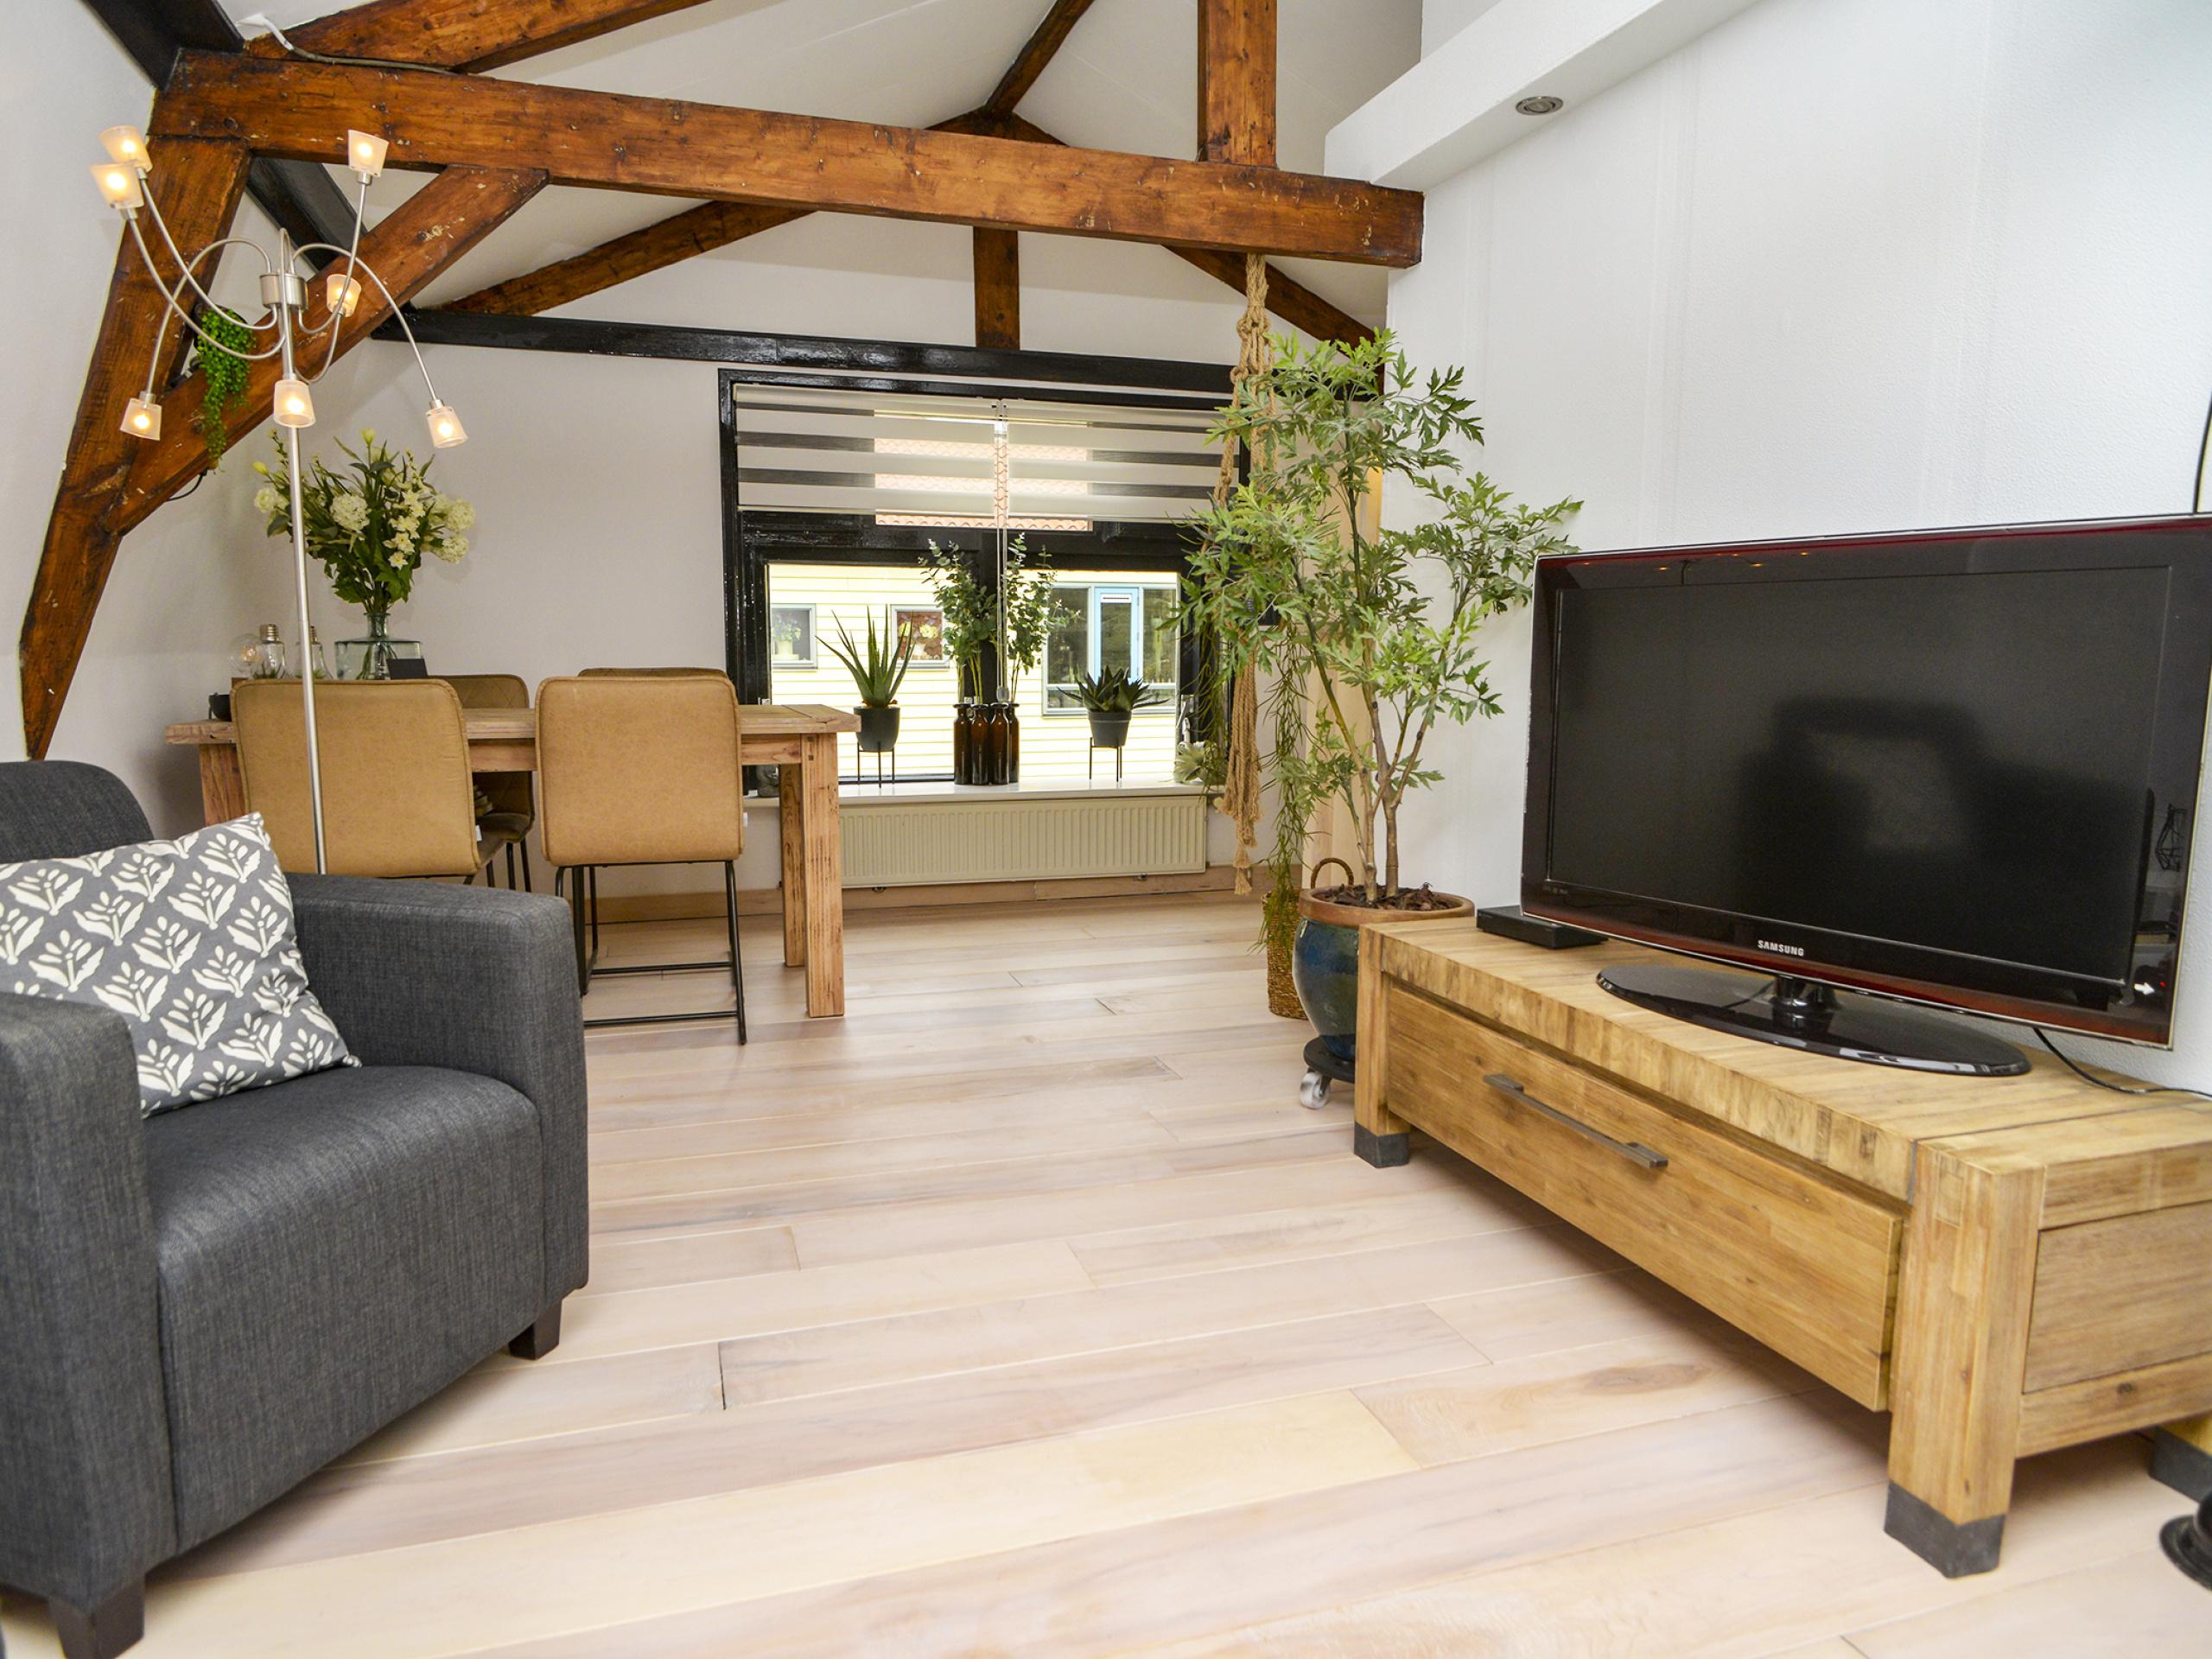 Komfortables attraktives Gästehaus, ruhige Lage am Rande des Zentrums von Den Burg